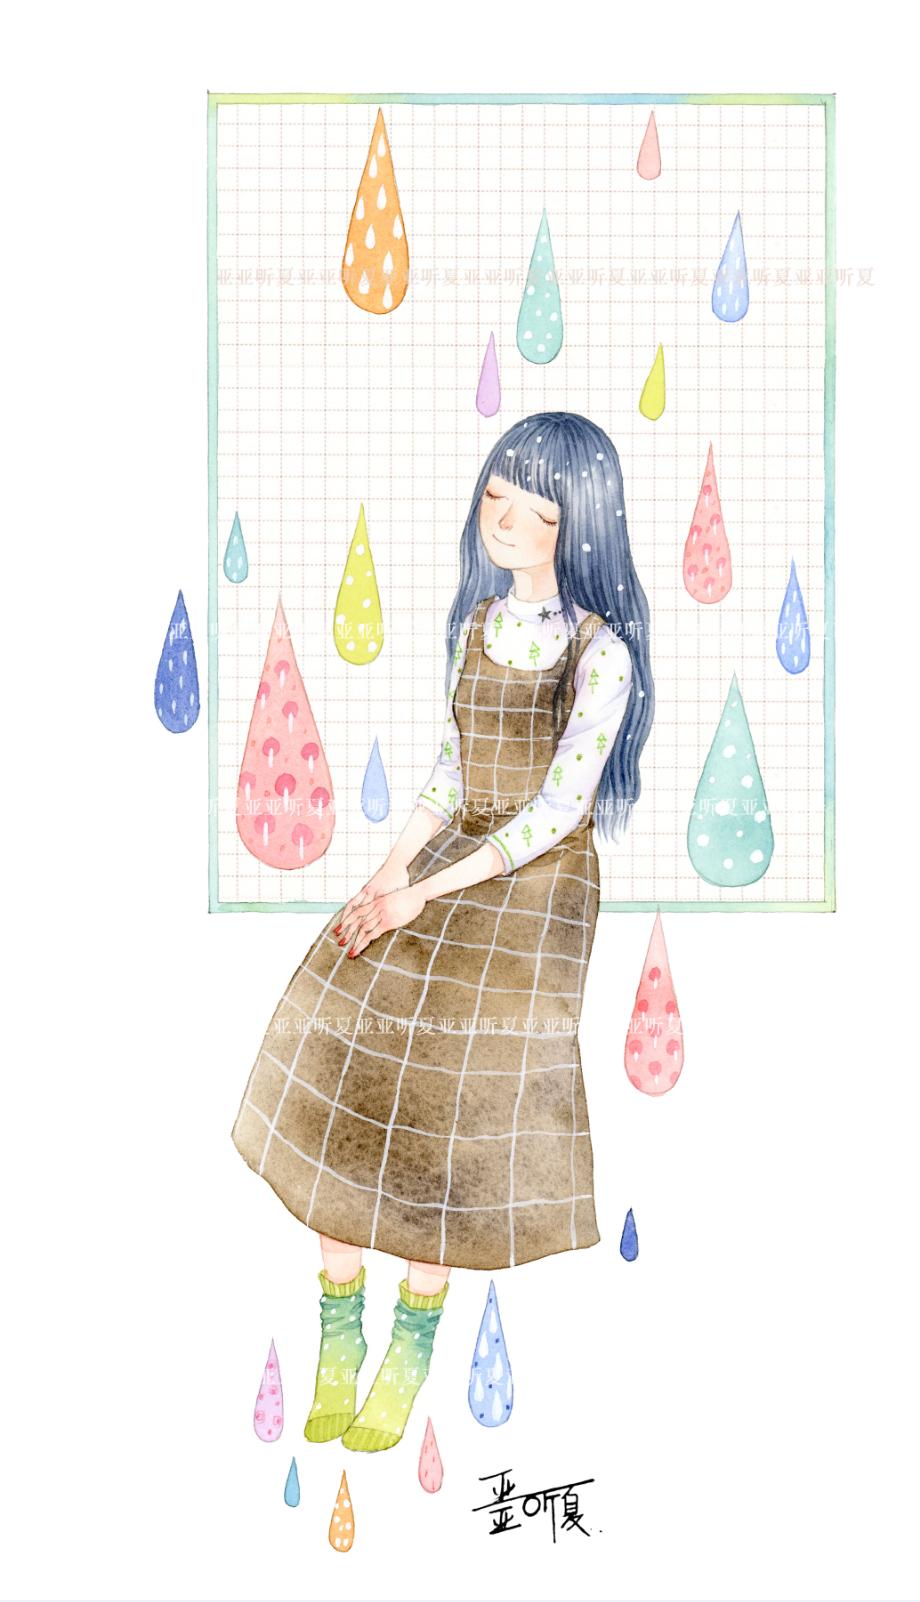 查看《彩色的雨》原图,原图尺寸:920x1602